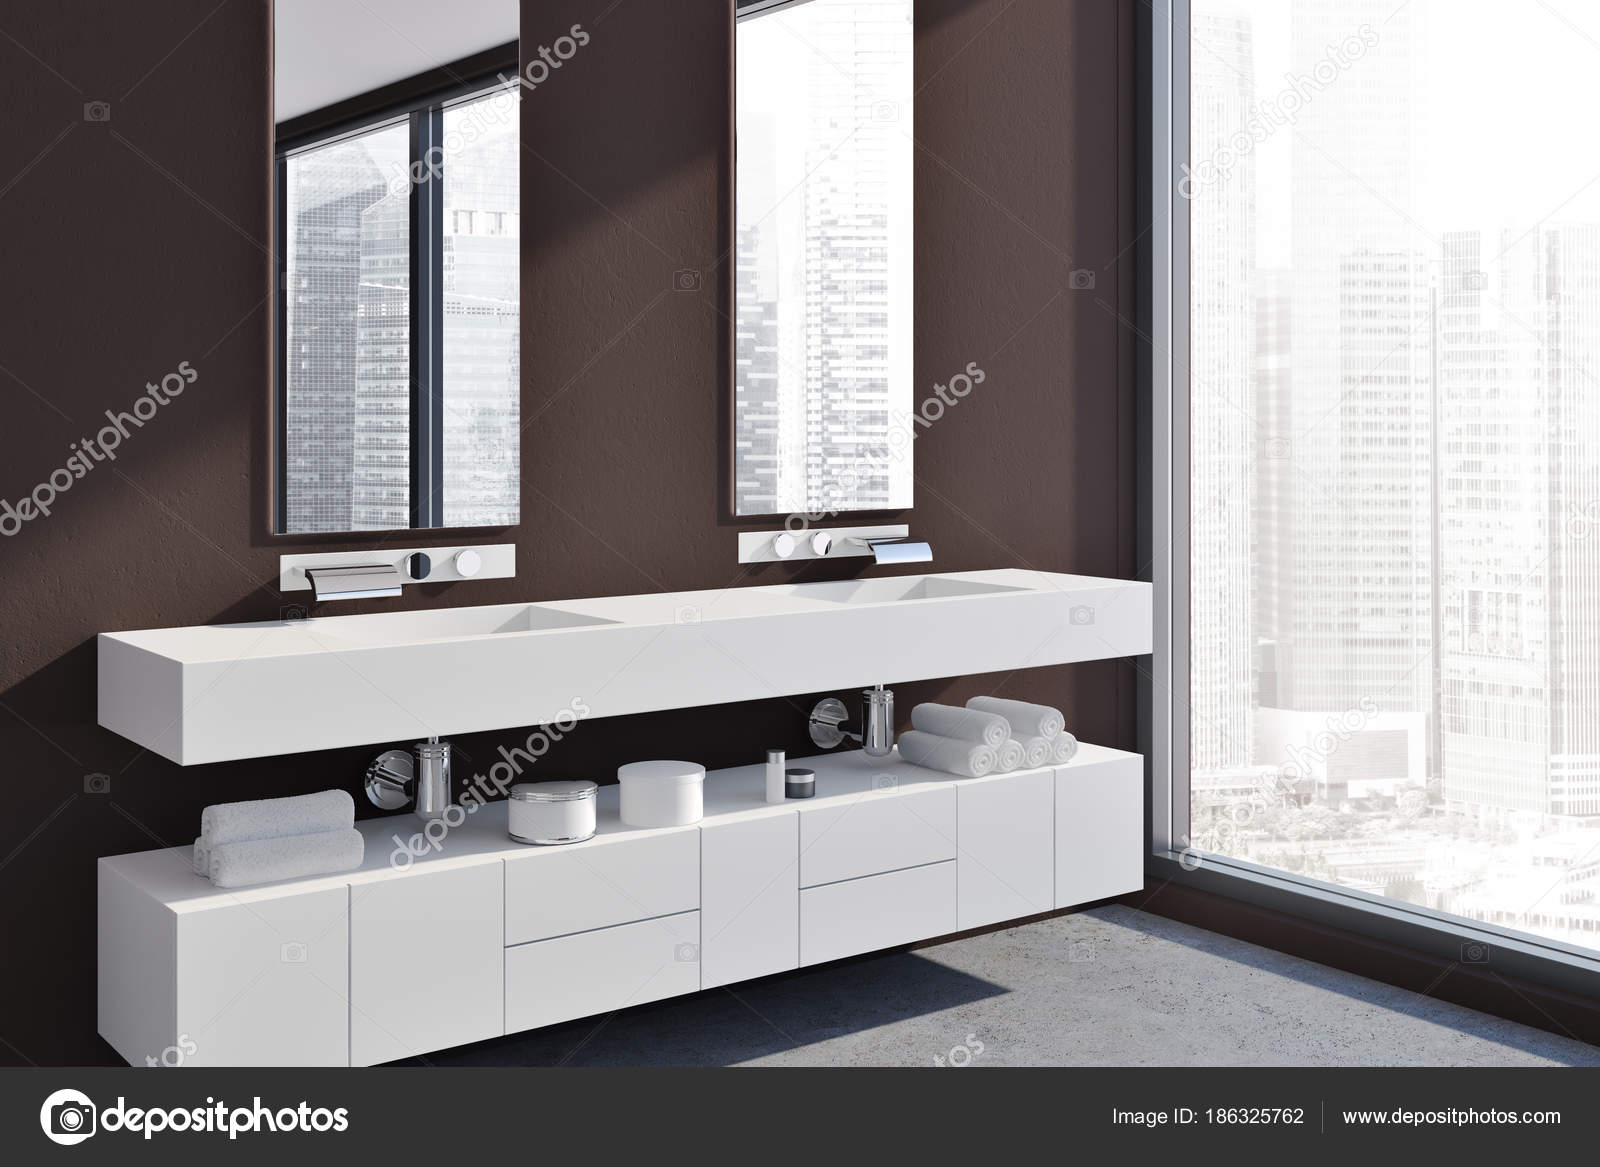 Hochwertig Weiße Doppelte Waschbecken Eitelkeit Einheit Seite U2014 Stockfoto